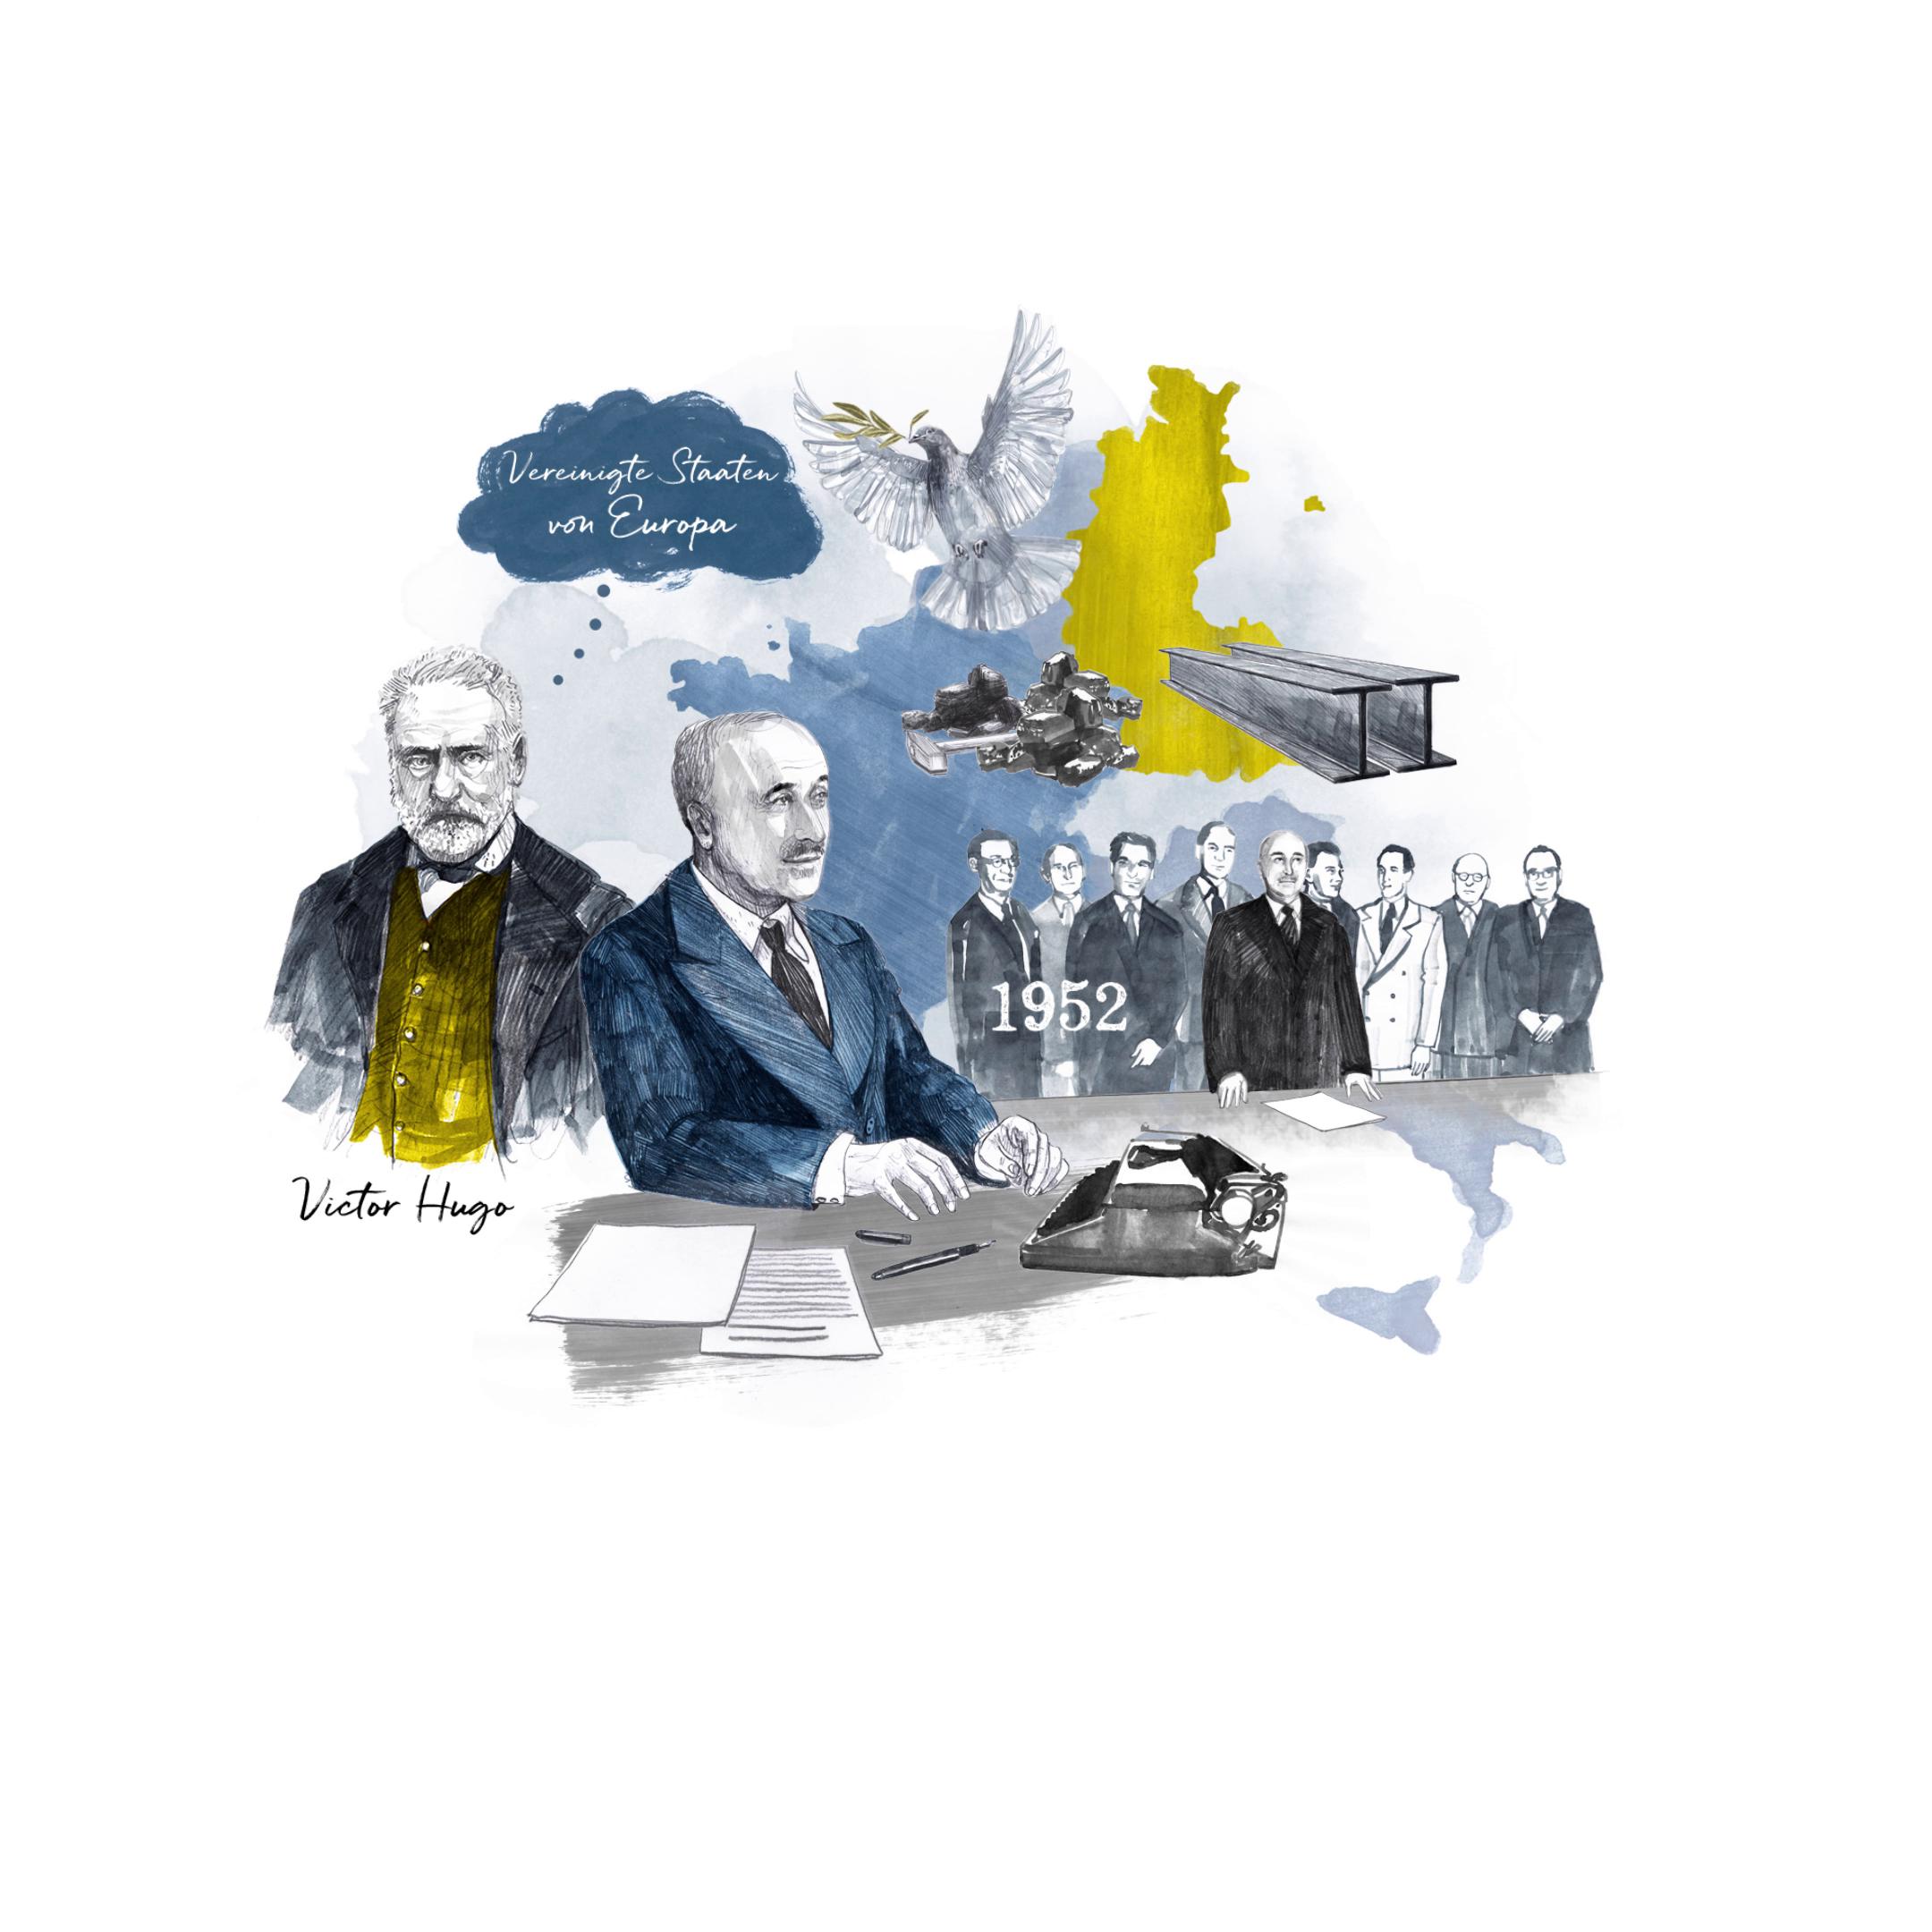 COMING SOON: Illustrationen für das Jean-Monnet-Haus, eine Dauerausstellung des Europäischen Parlaments